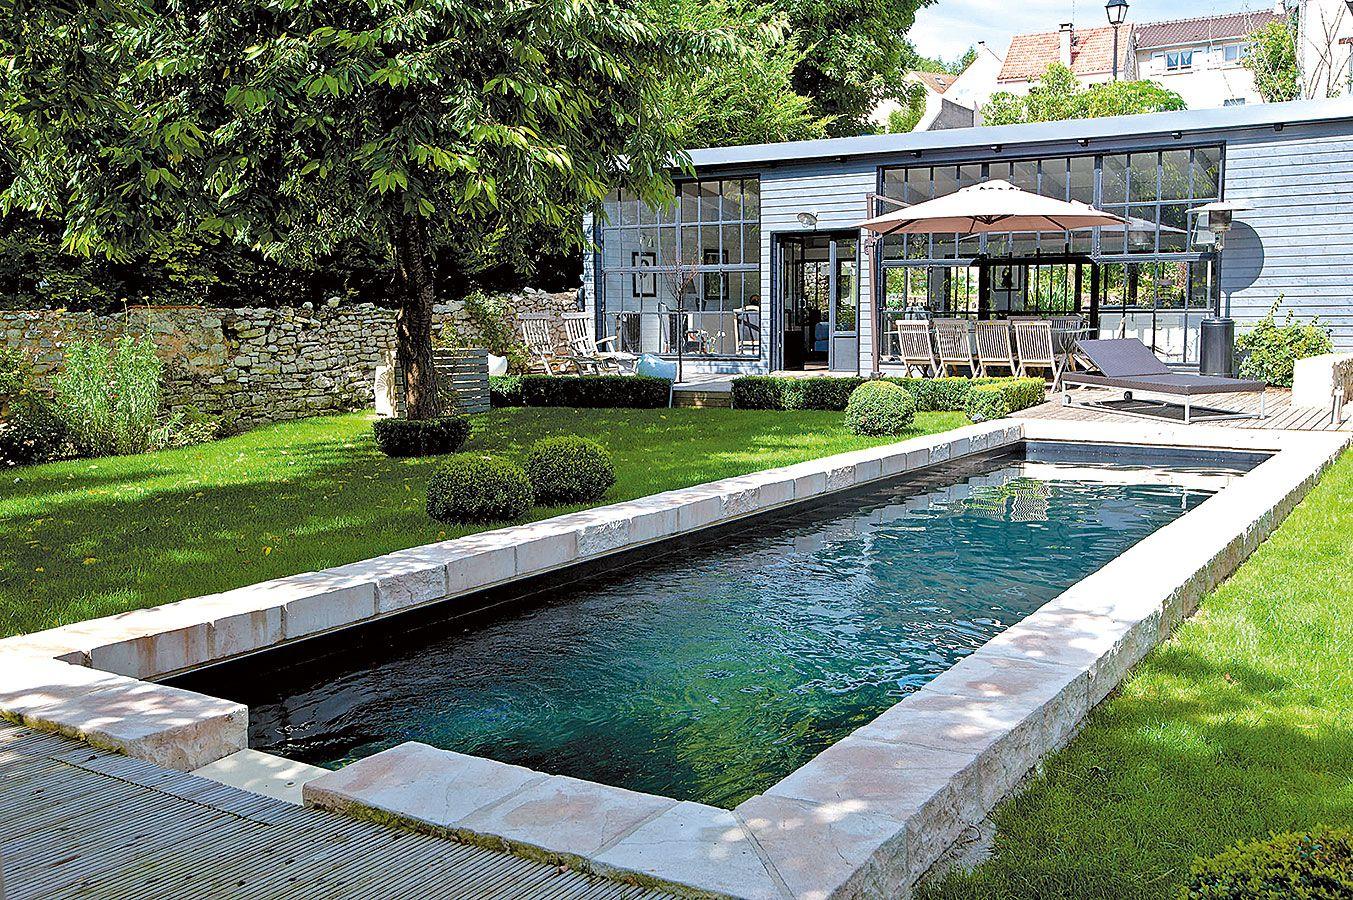 Épinglé Par Hayward Pool Products Sur Beautiful Pools ... destiné Avis Piscine Desjoyaux